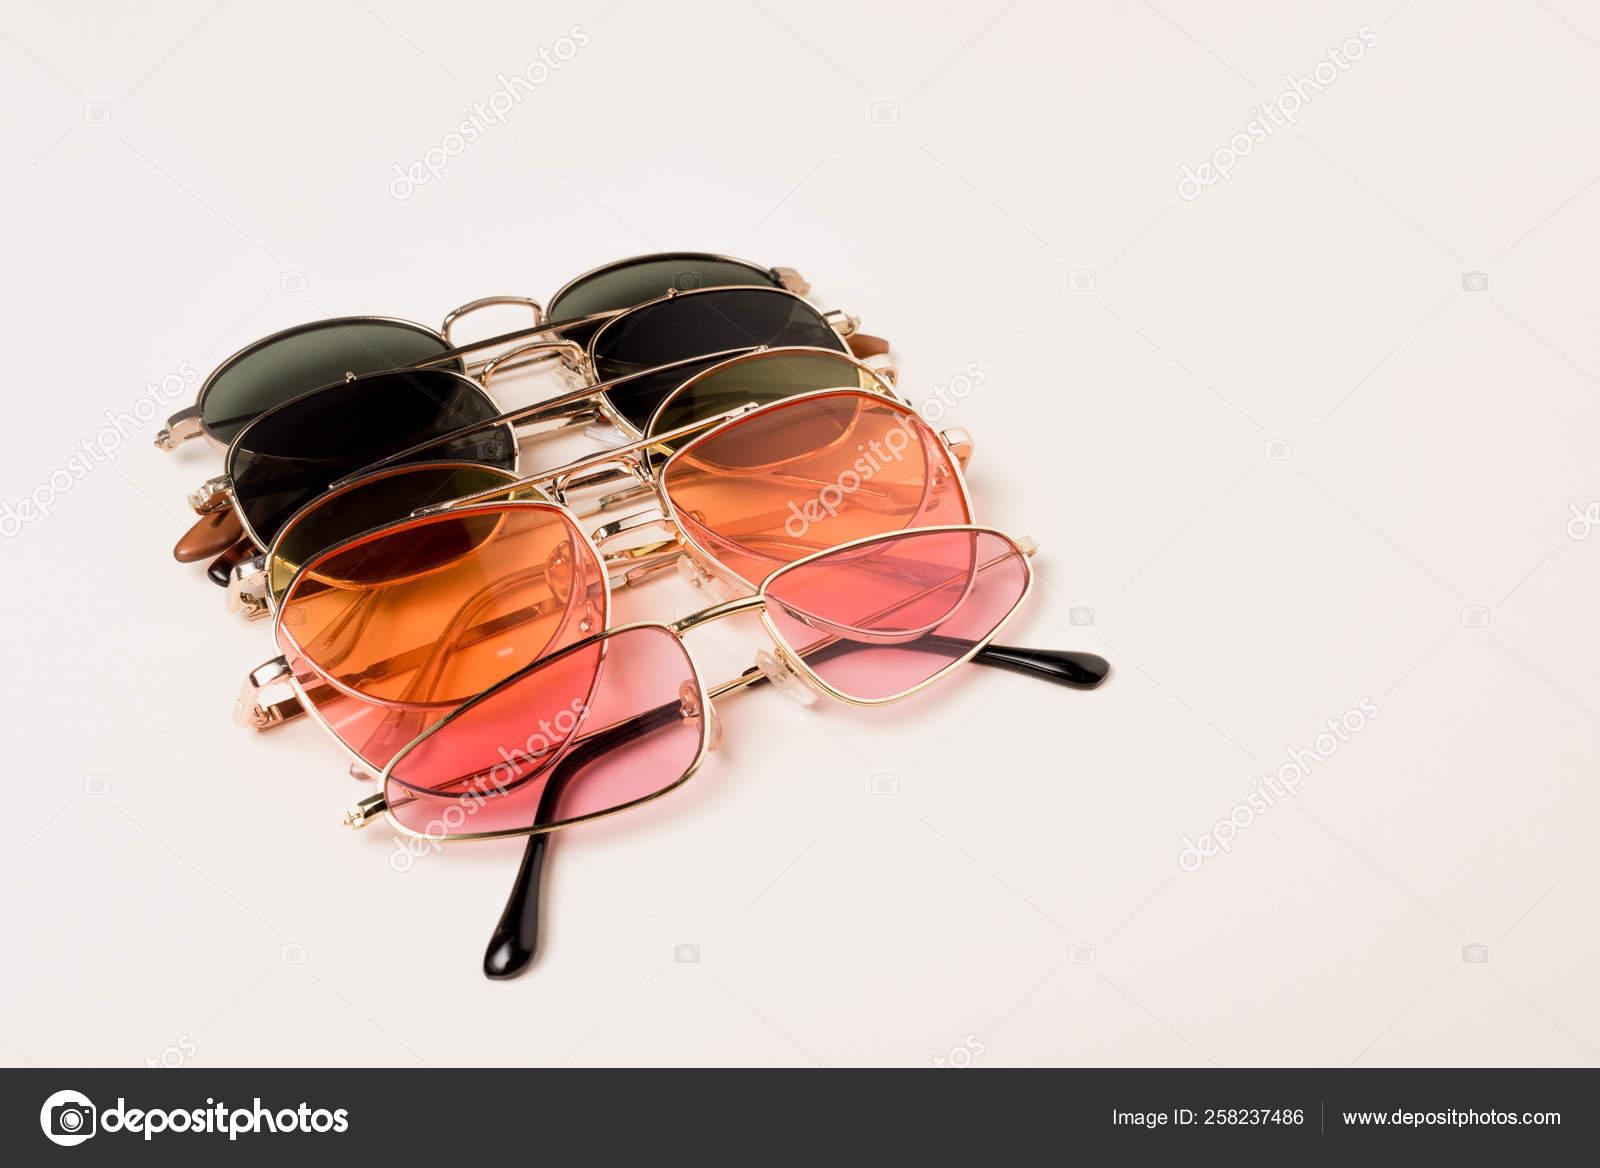 szemüveg a látkép fénykép galéria szemvizsgálat érintkezésben